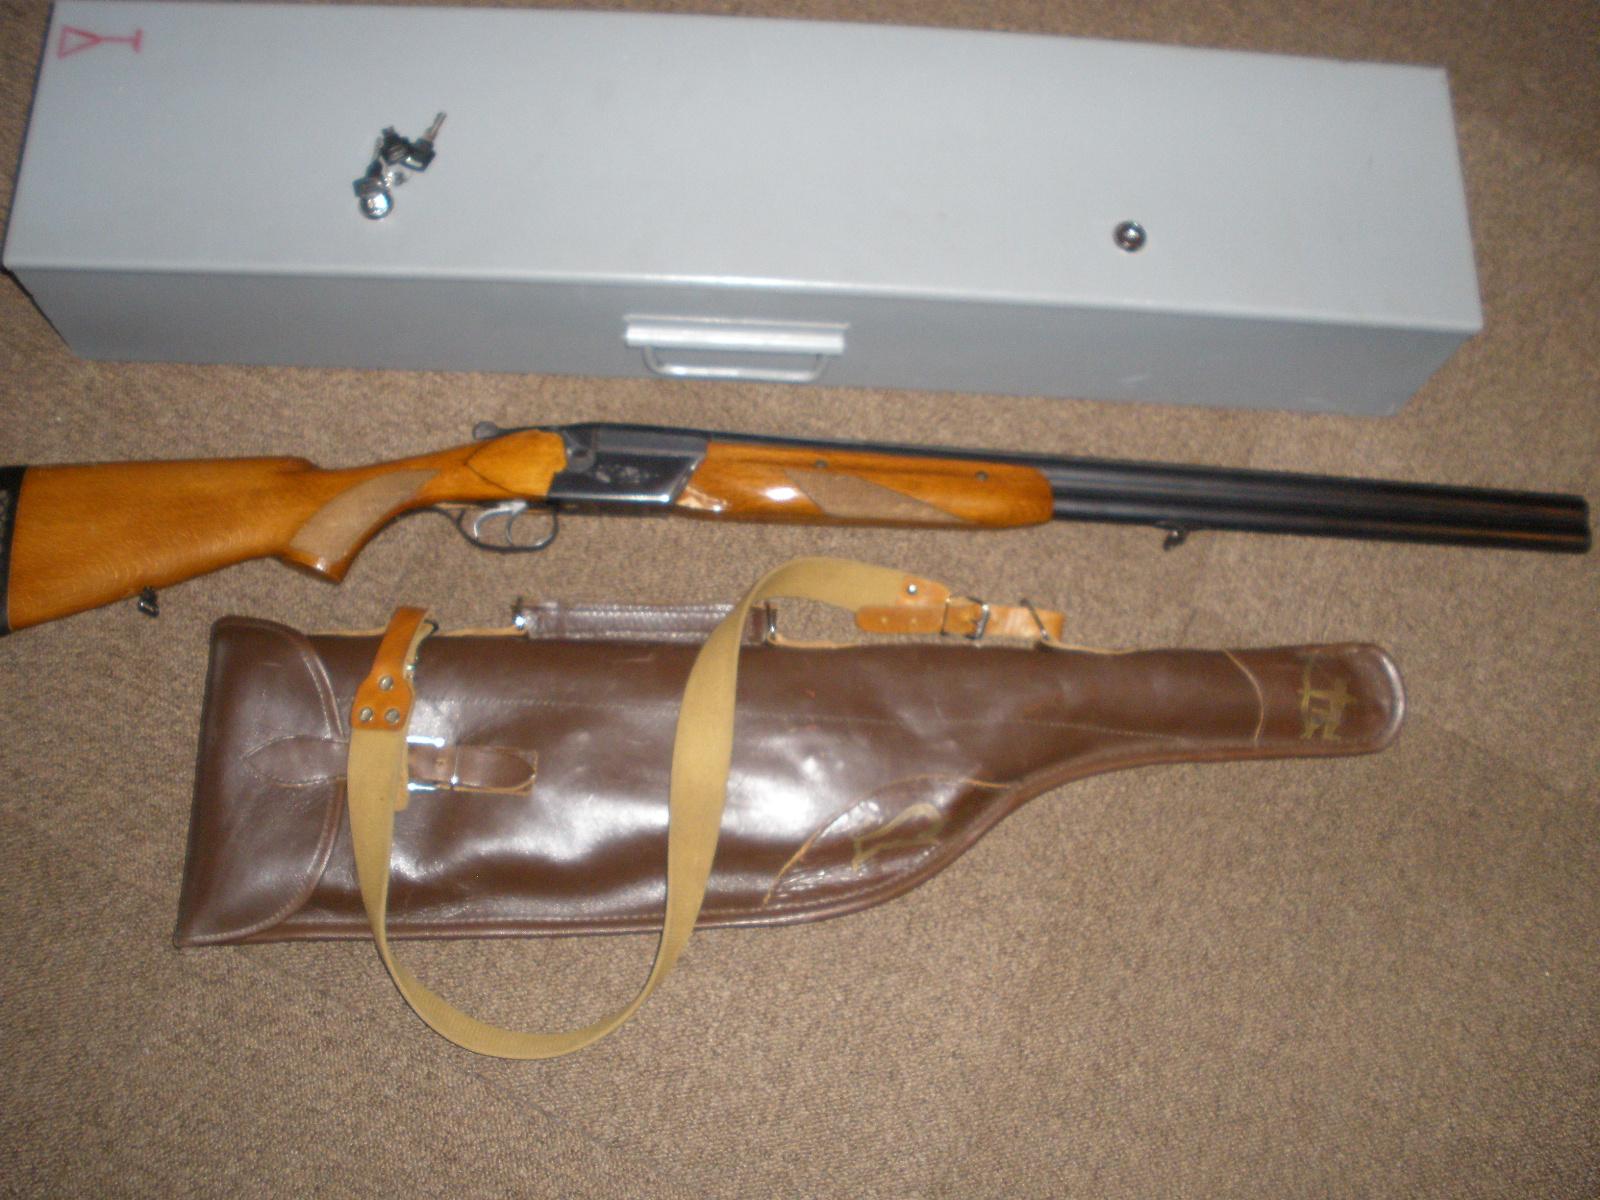 Как сделать разрешение на охотничье ружье в украине